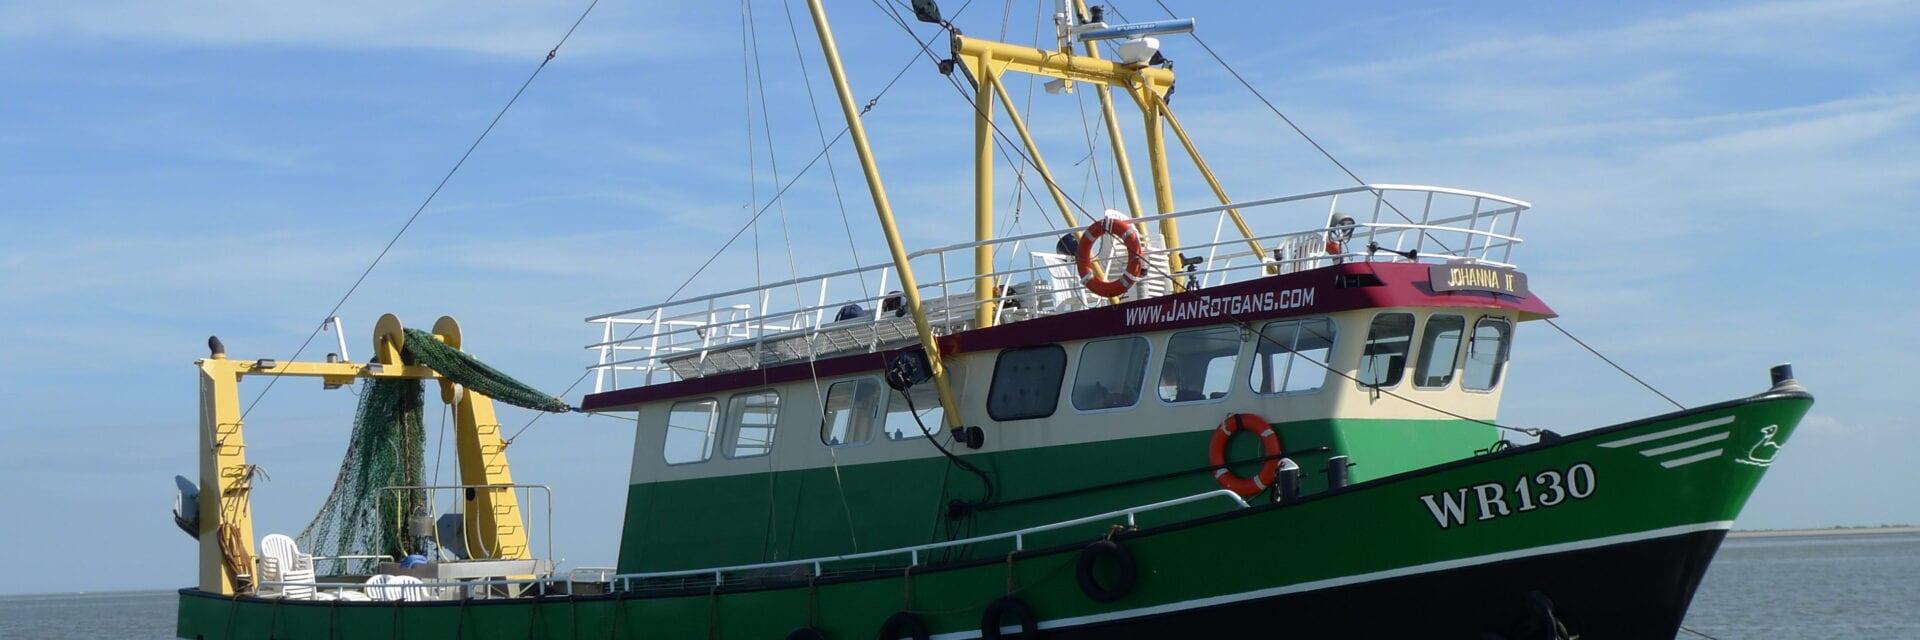 Op de foto zie je een groene boot door het water varen